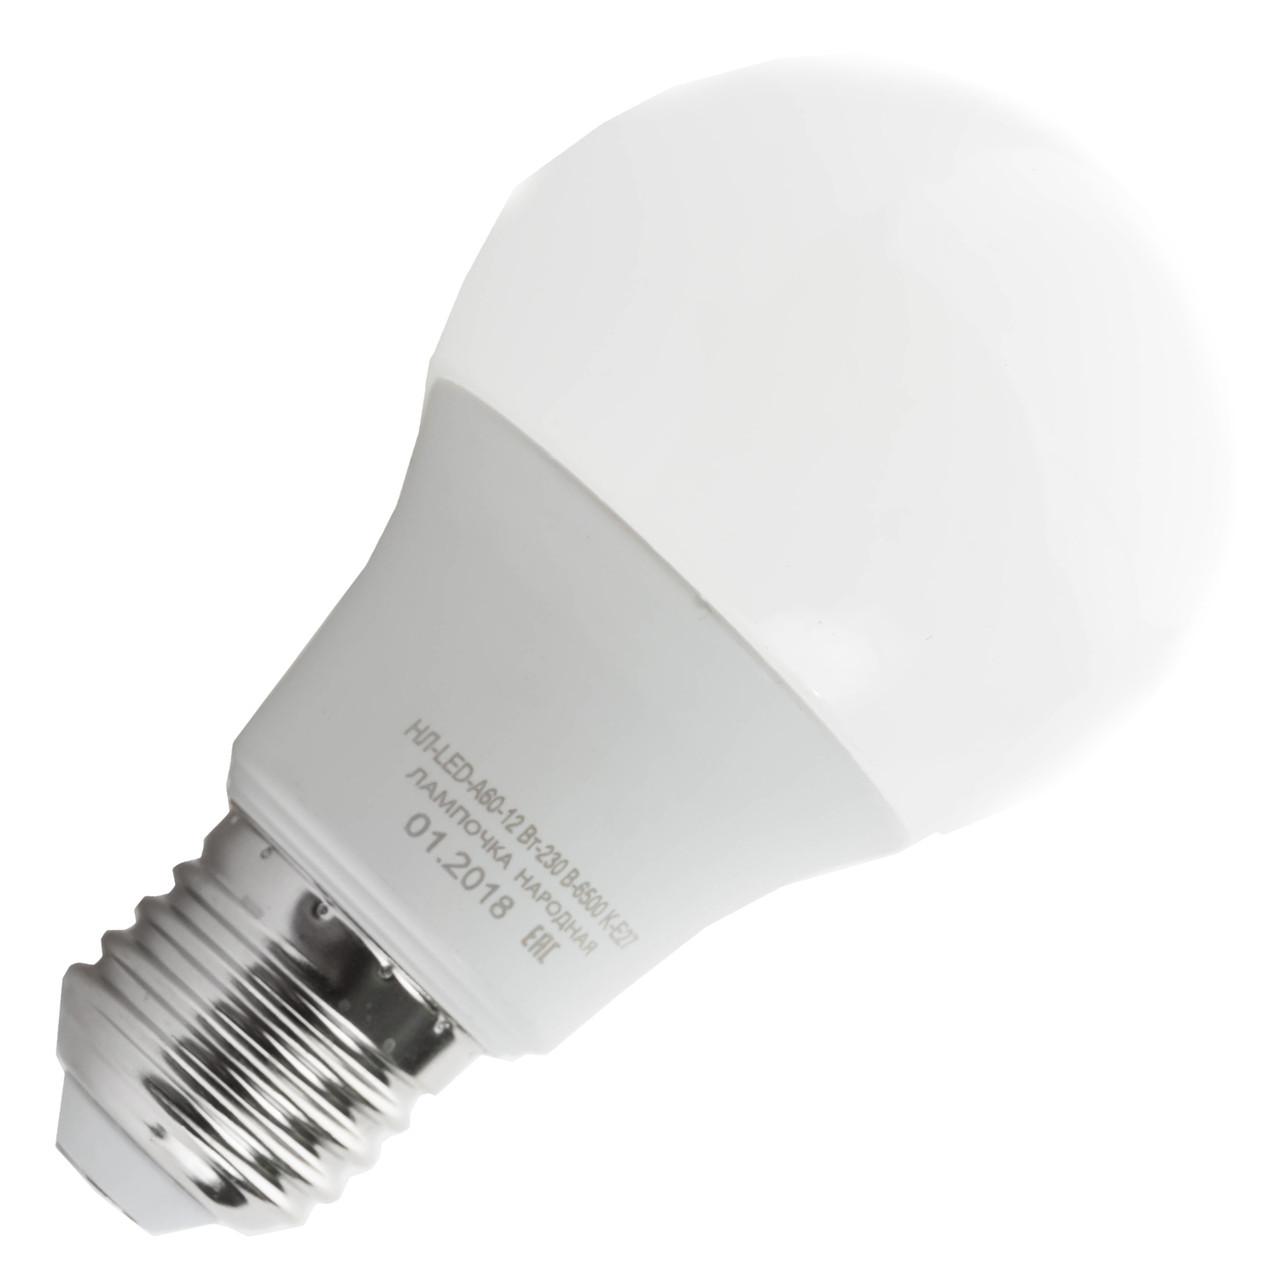 Лампа светодиодная А 60, 12 W, Е-27